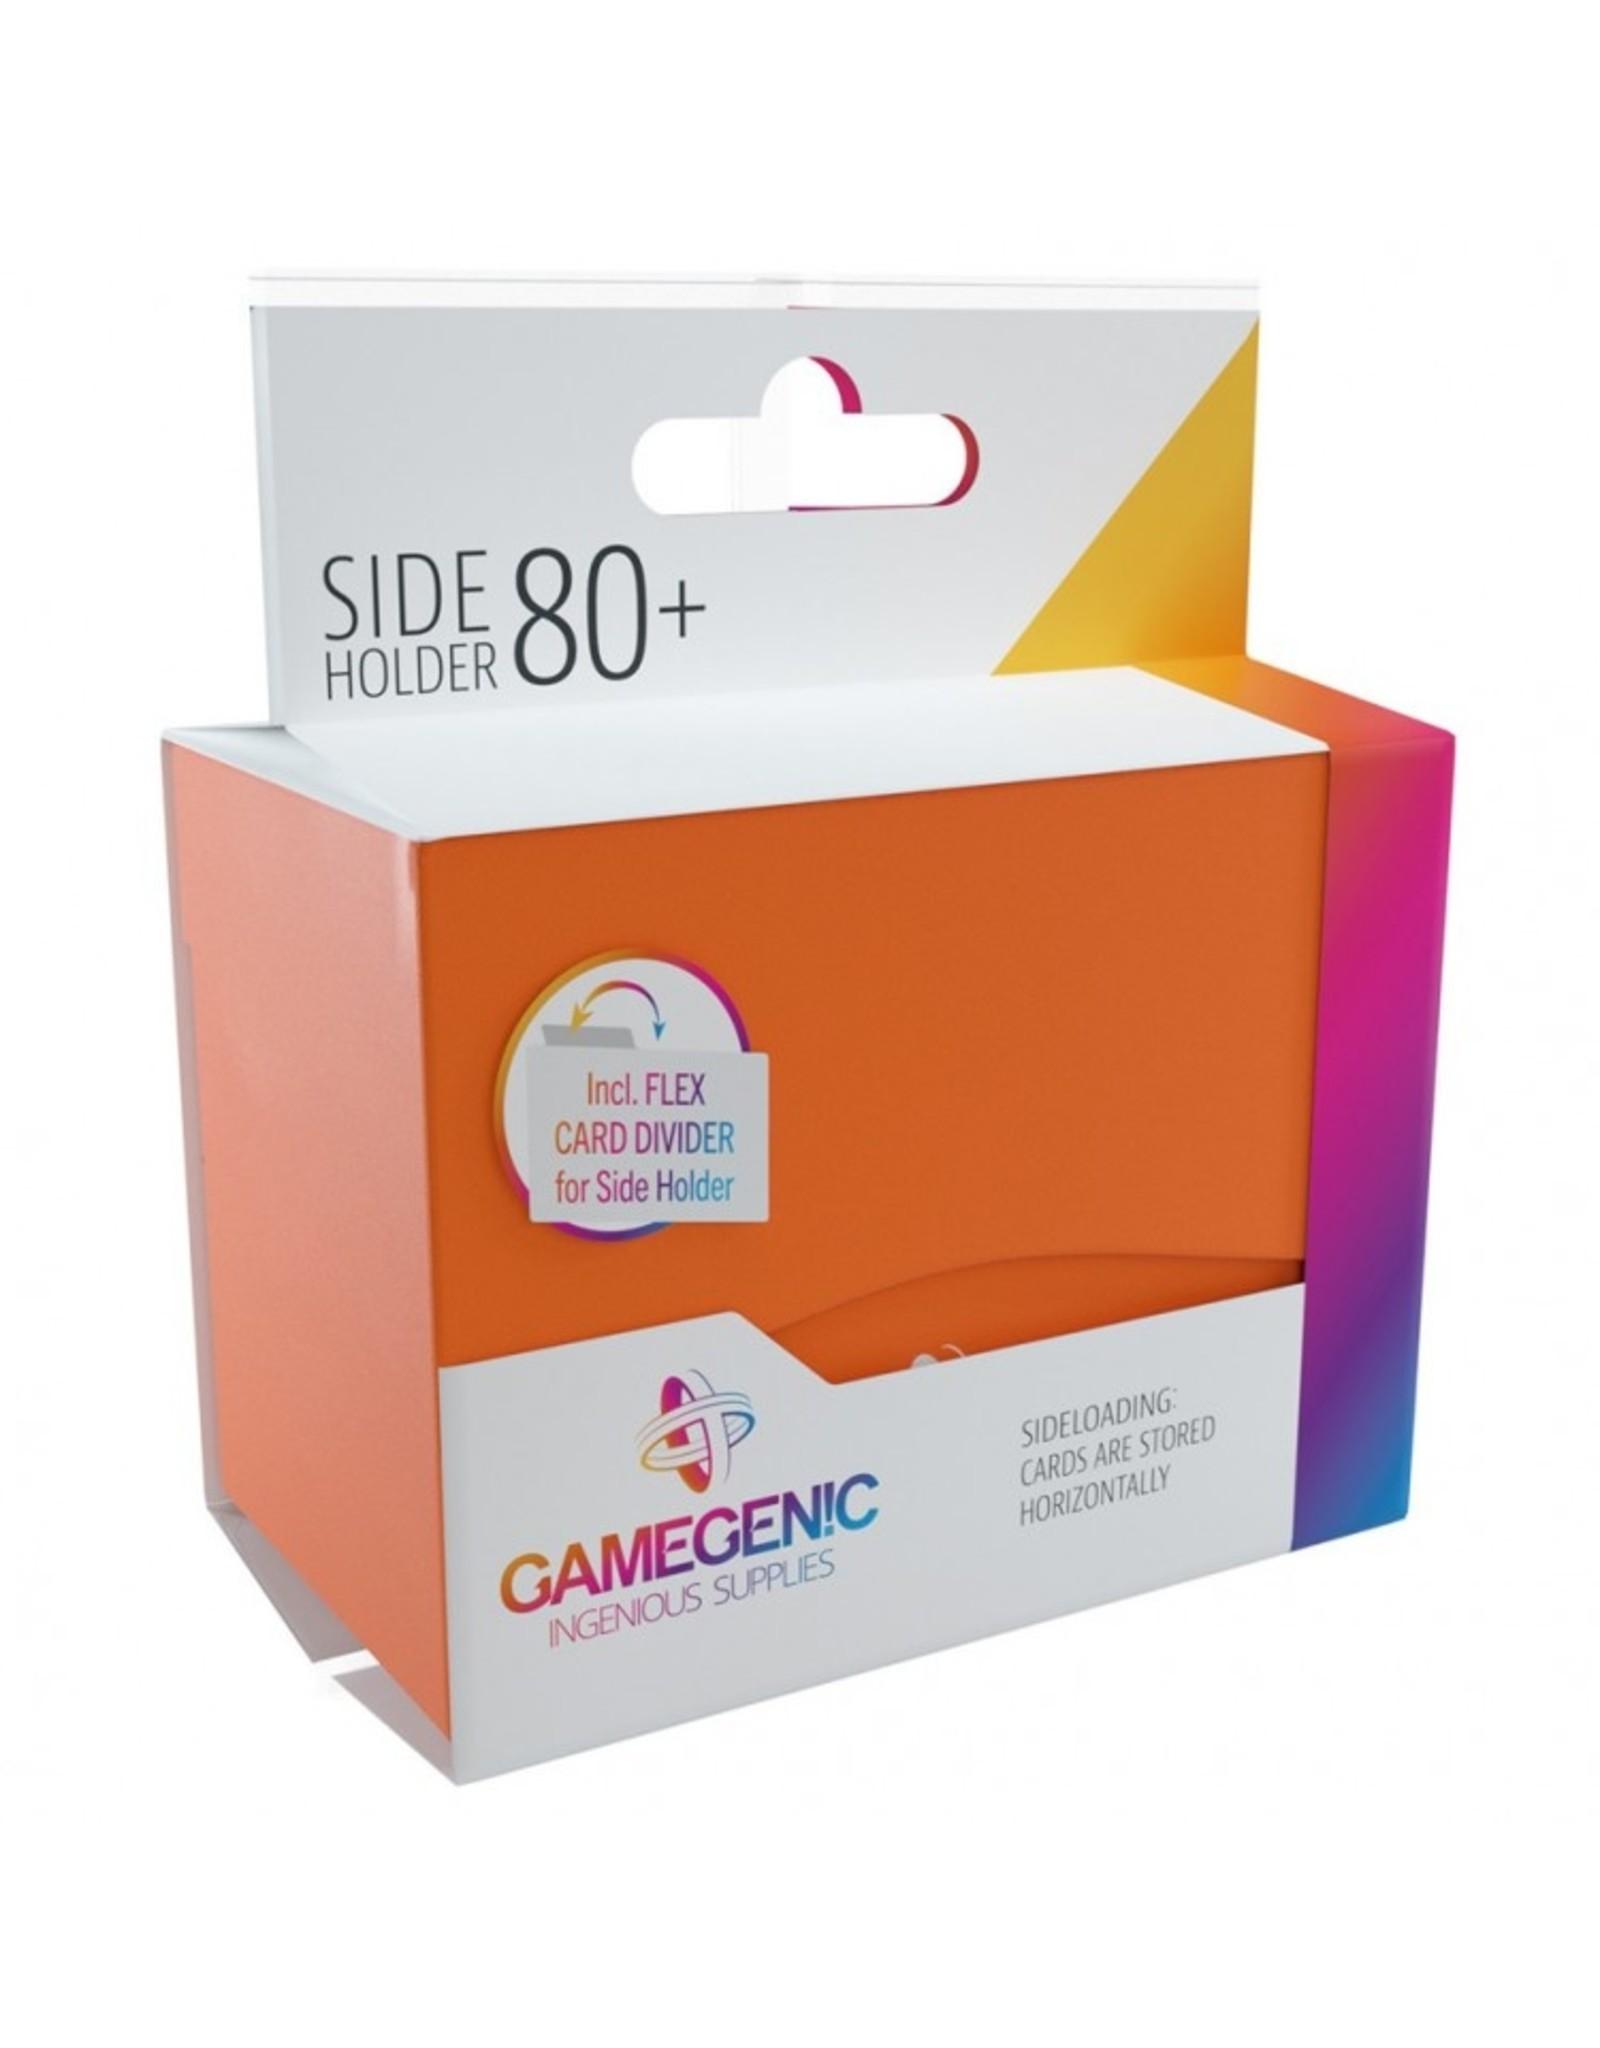 GameGenic Deck Box: Side Holder 80+ OR